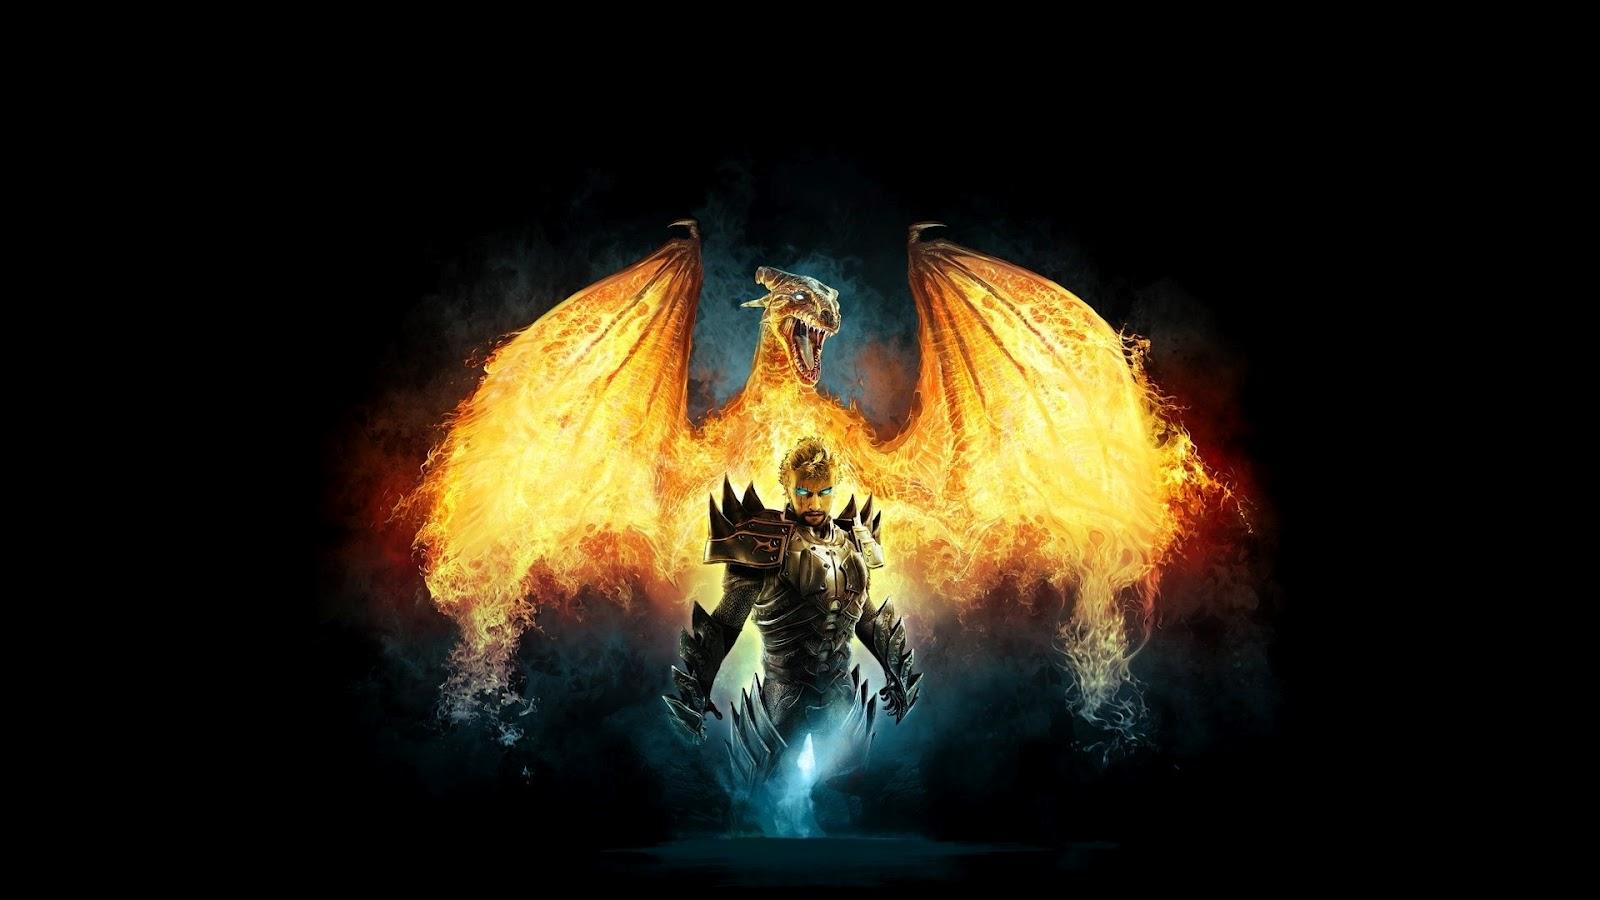 Dragon on Fire | Full HD Desktop Wallpapers 1080p